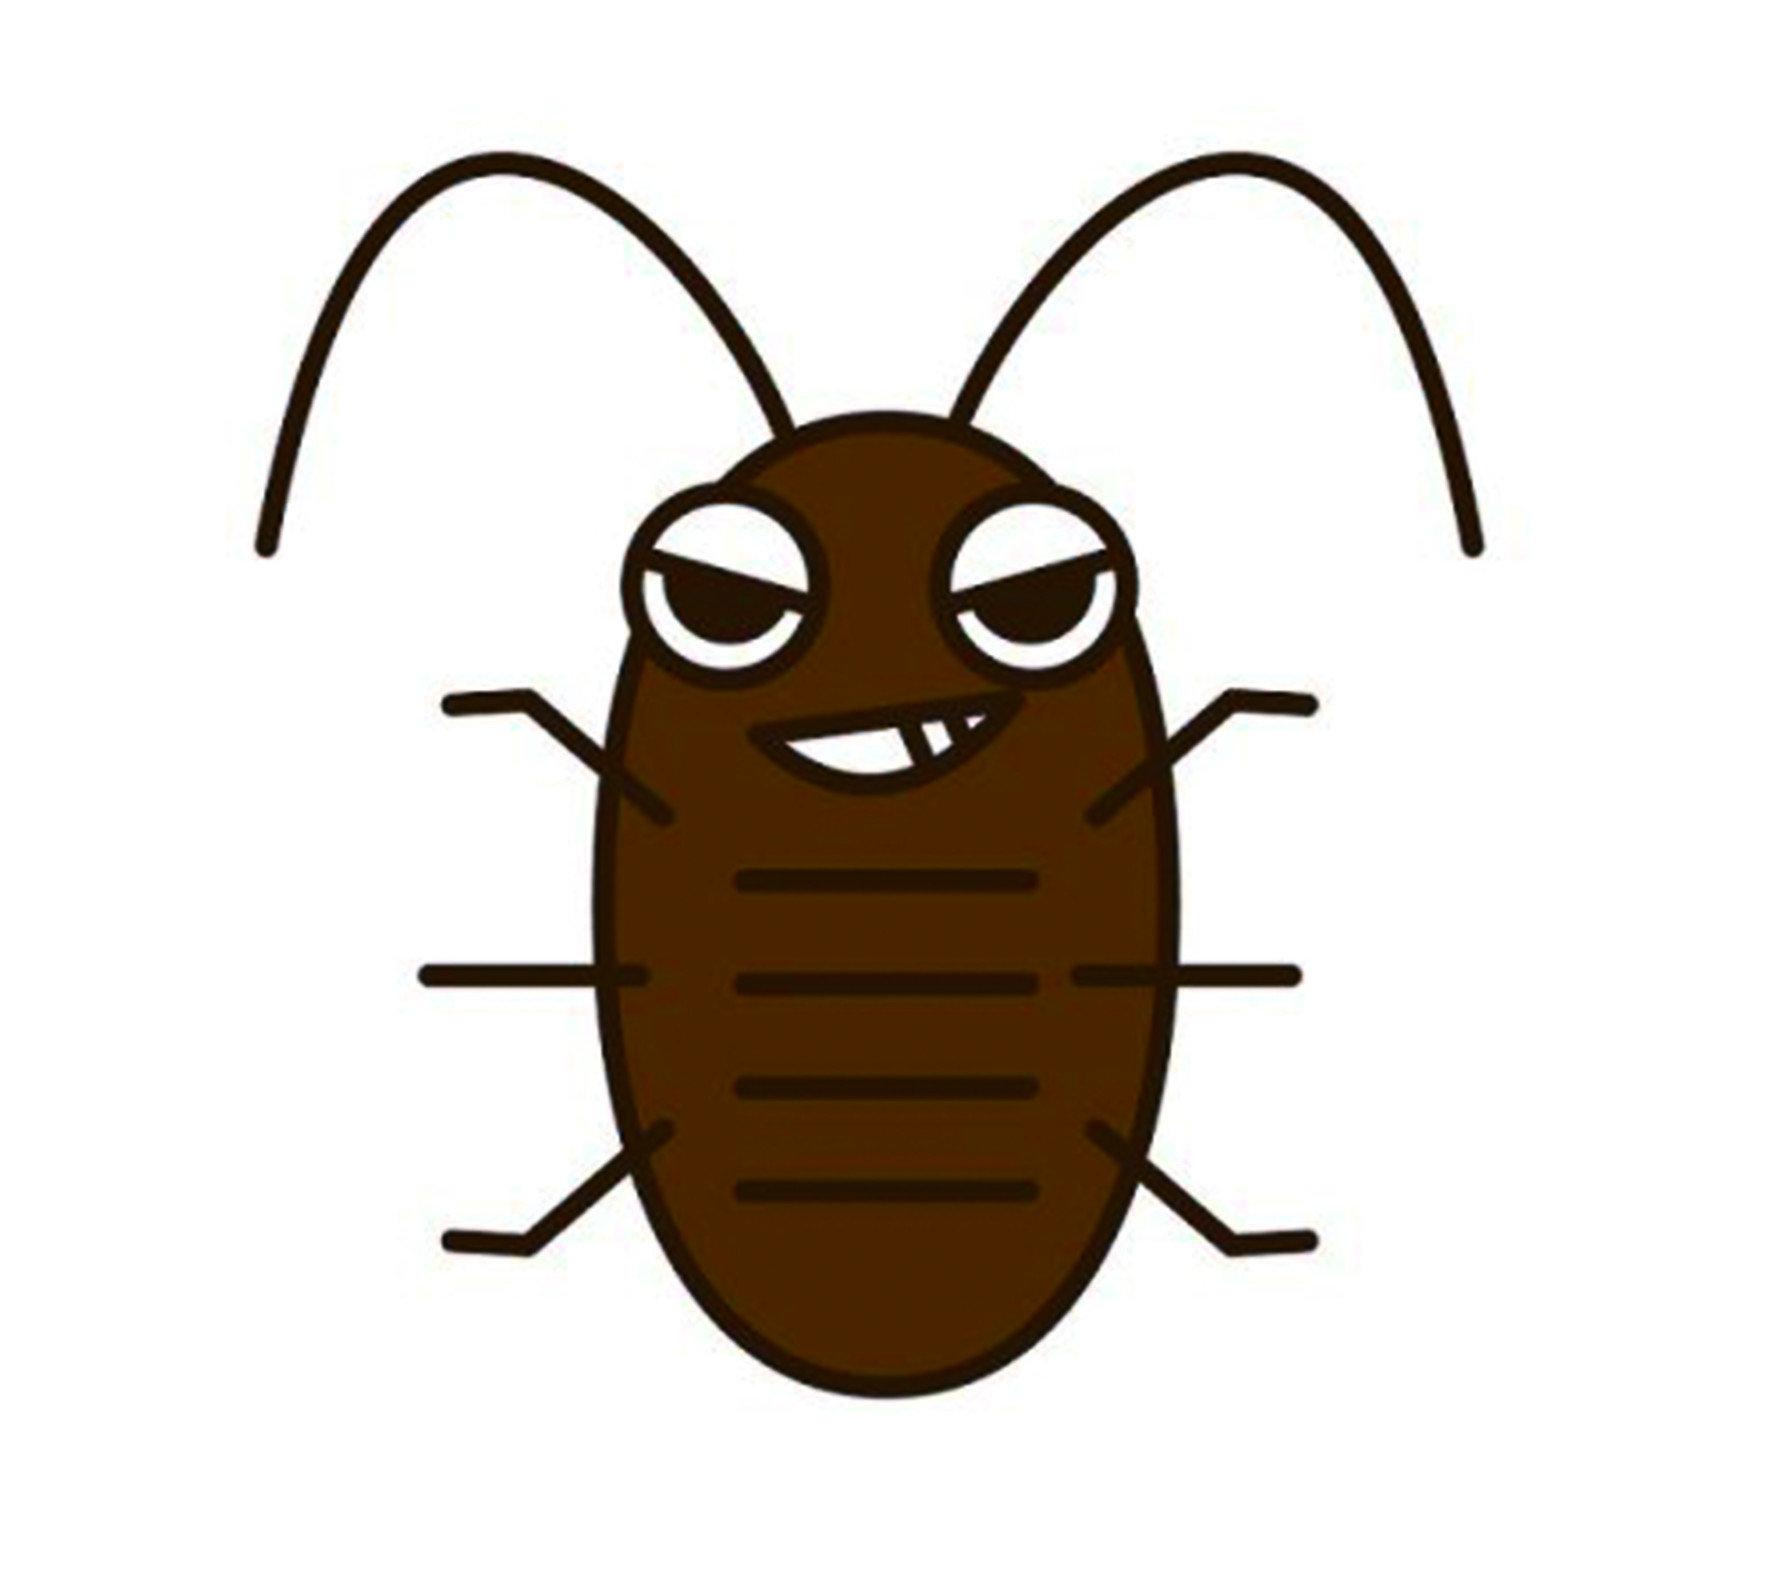 蟑螂擁有數億年的演化史,目前已發現超過4000種,牠們繁殖力極強,又與人類食性重疊。 與人類共同居住的稱為「家棲蟑螂」,因為牠們長期生活在人類的活動環境中,往往攜帶許多病菌,而普遍被認為是害蟲。